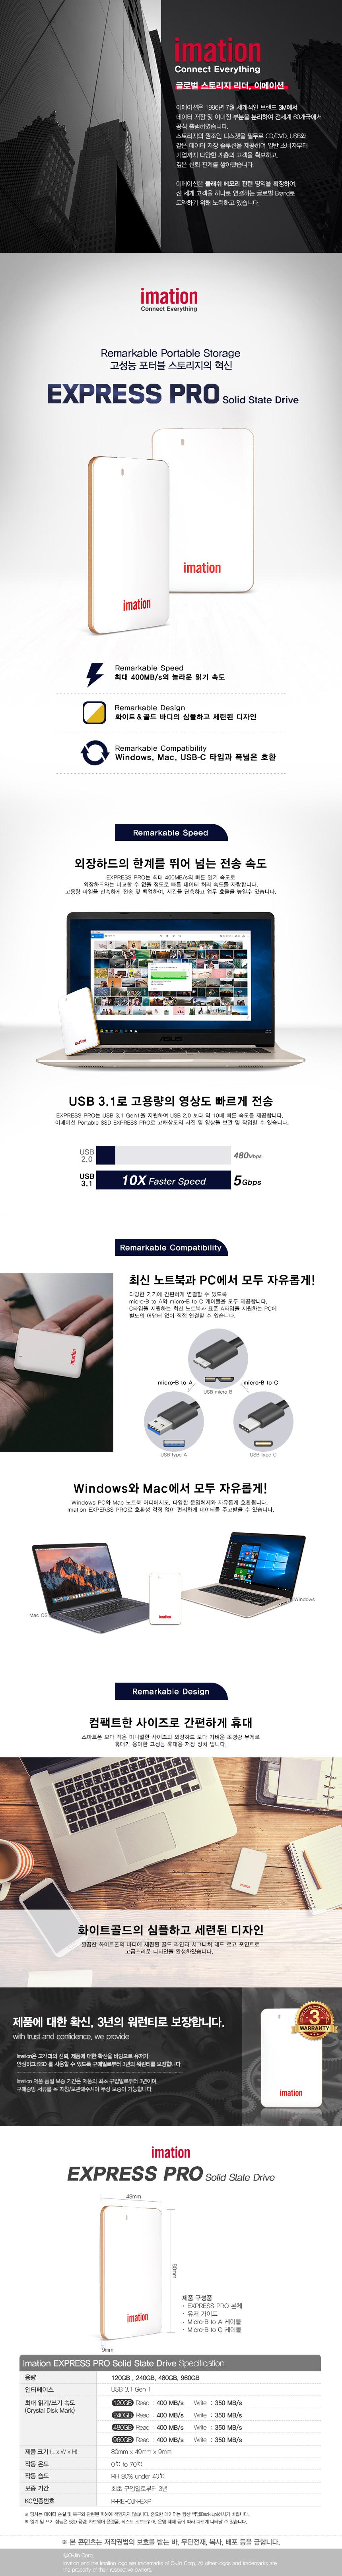 이메이션  Express Pro(120GB)